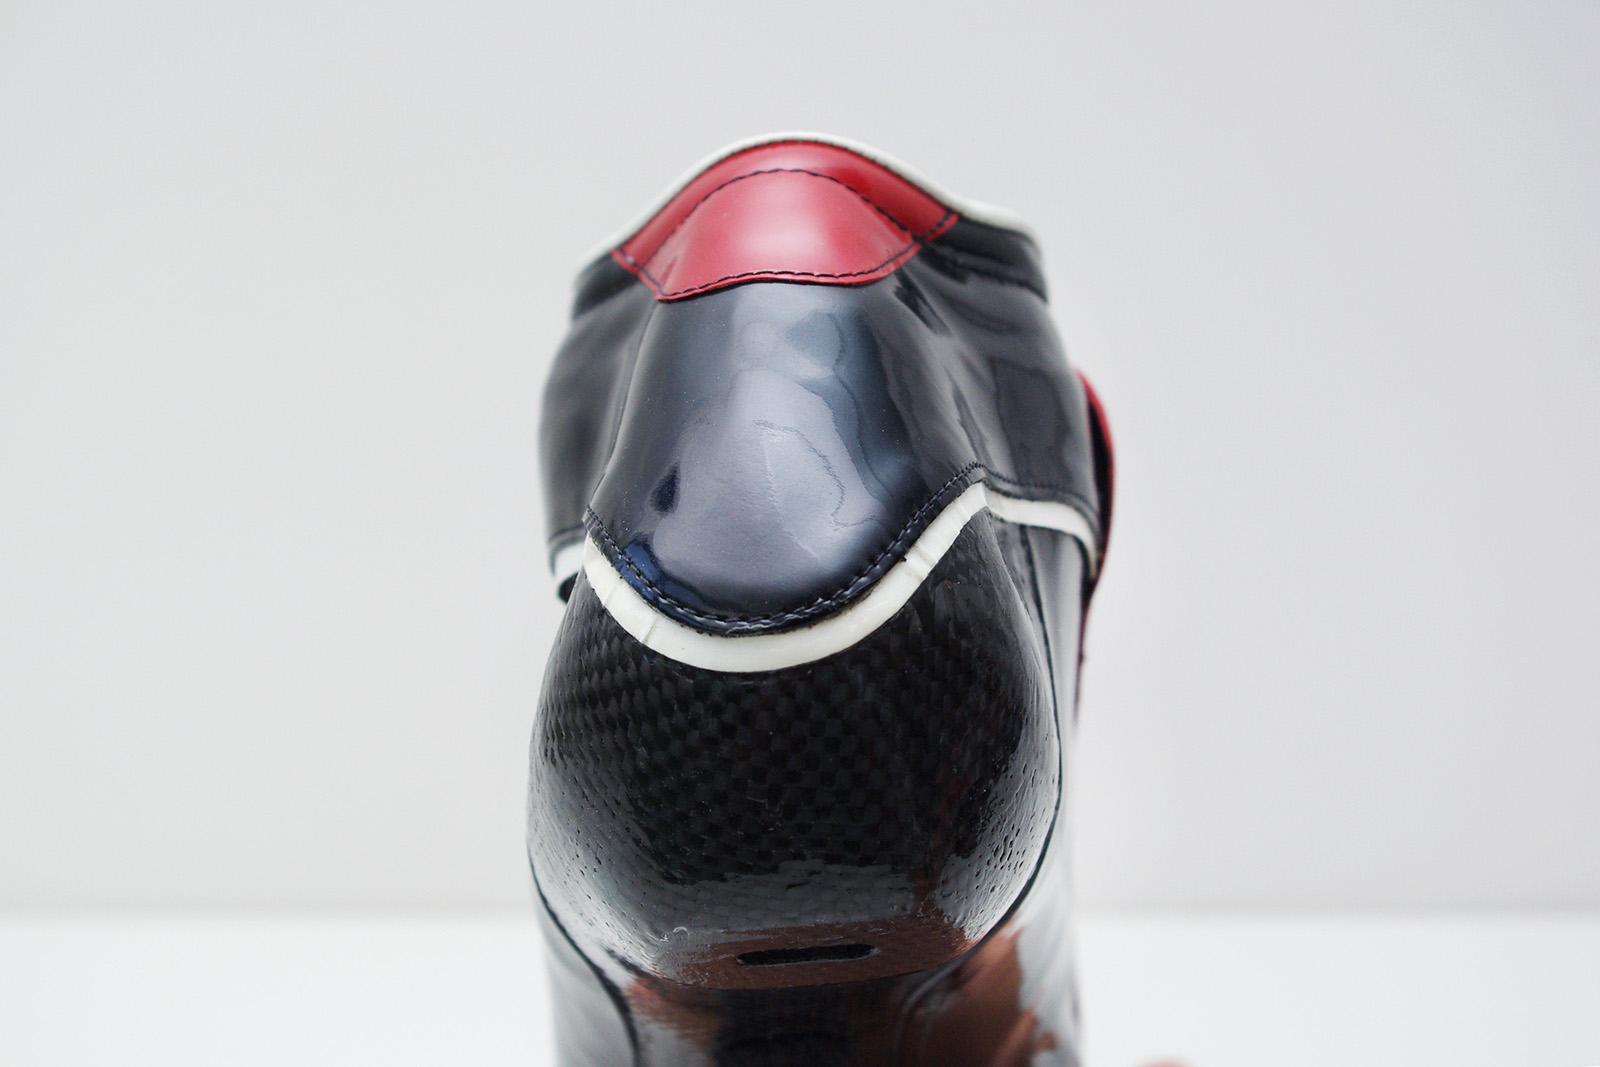 schaatsschoen rood detail achterzijde